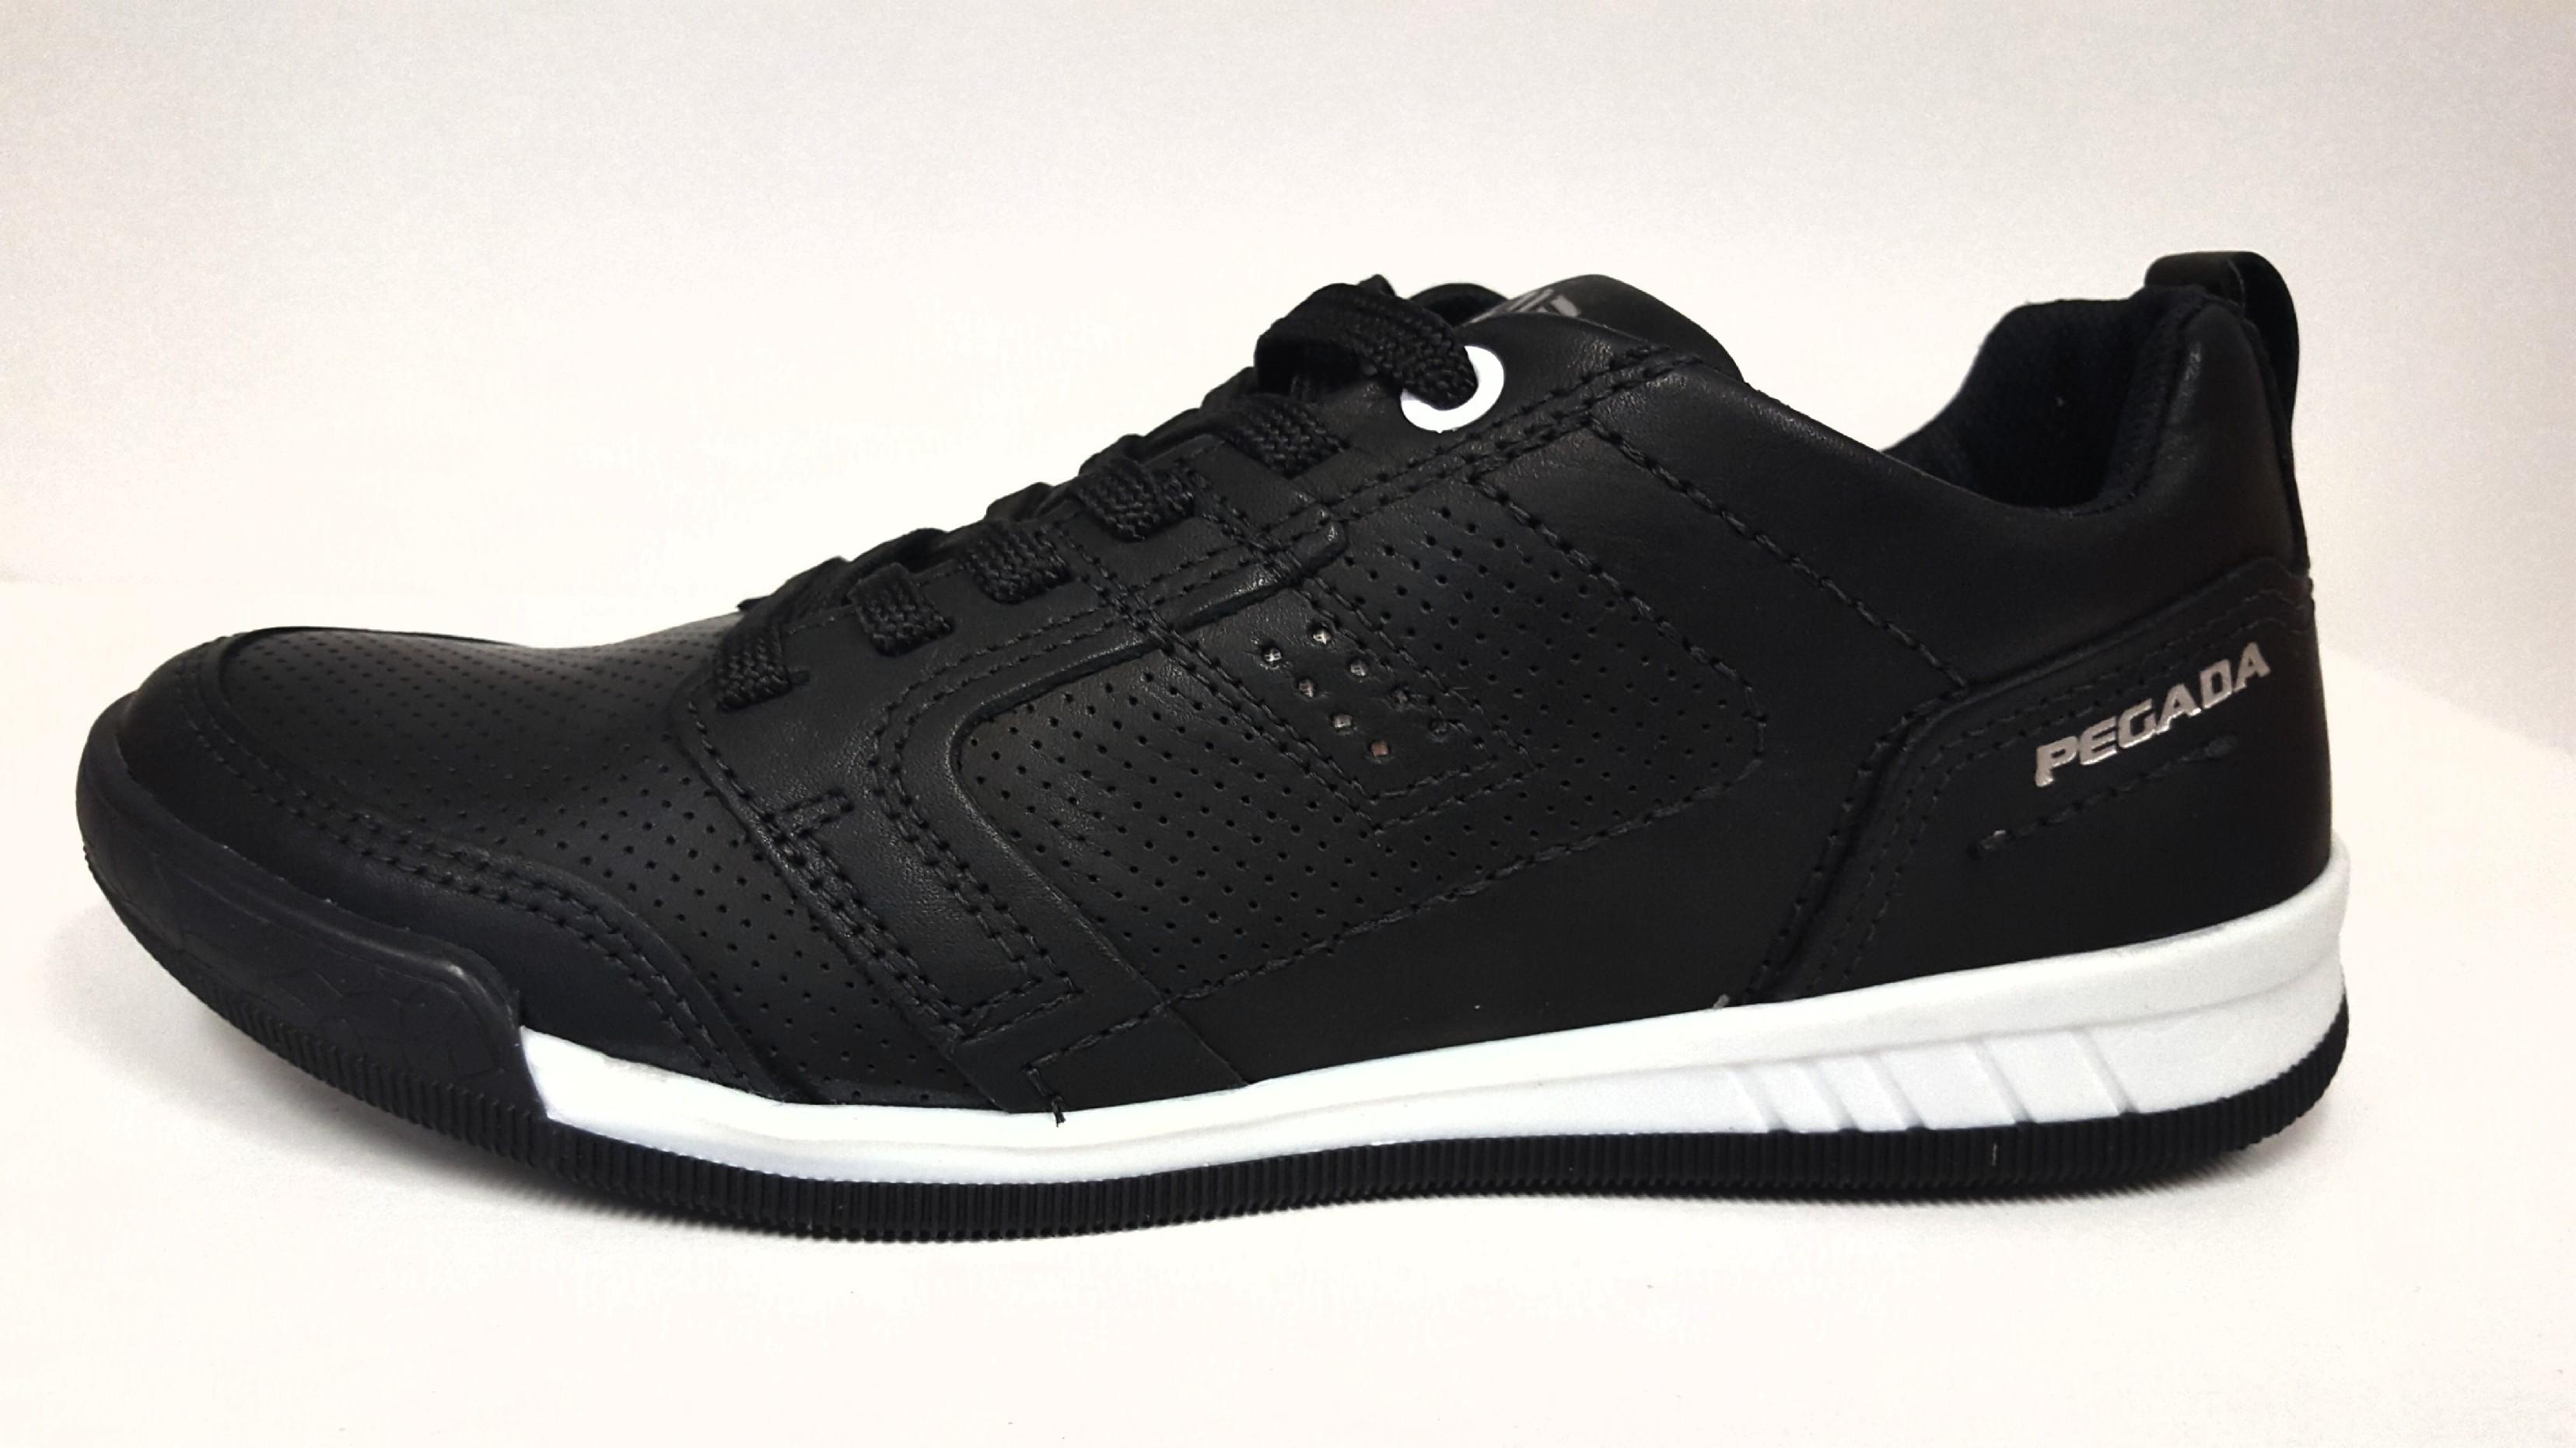 94aff305889 Dámská kožená černá šněrovací vycházková obuv zdravotně tvarovaná na nízkém  klínu SANTÉ   PEGADA Tabulka dámských